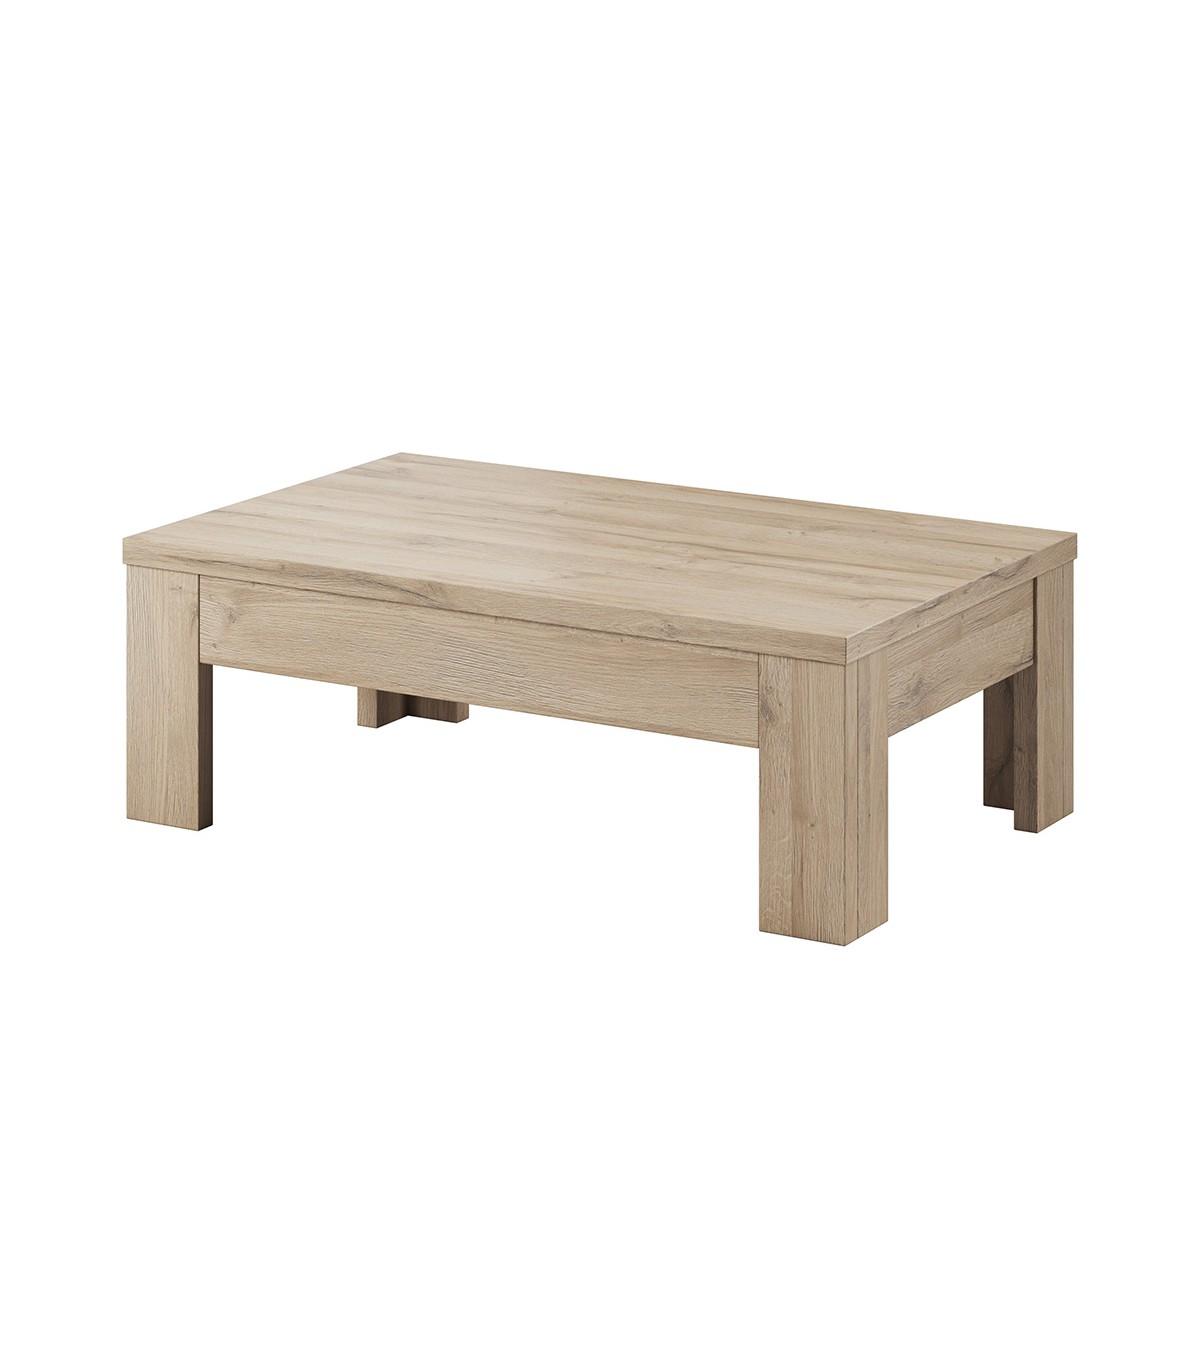 Table basse style classique L110cm - Marron